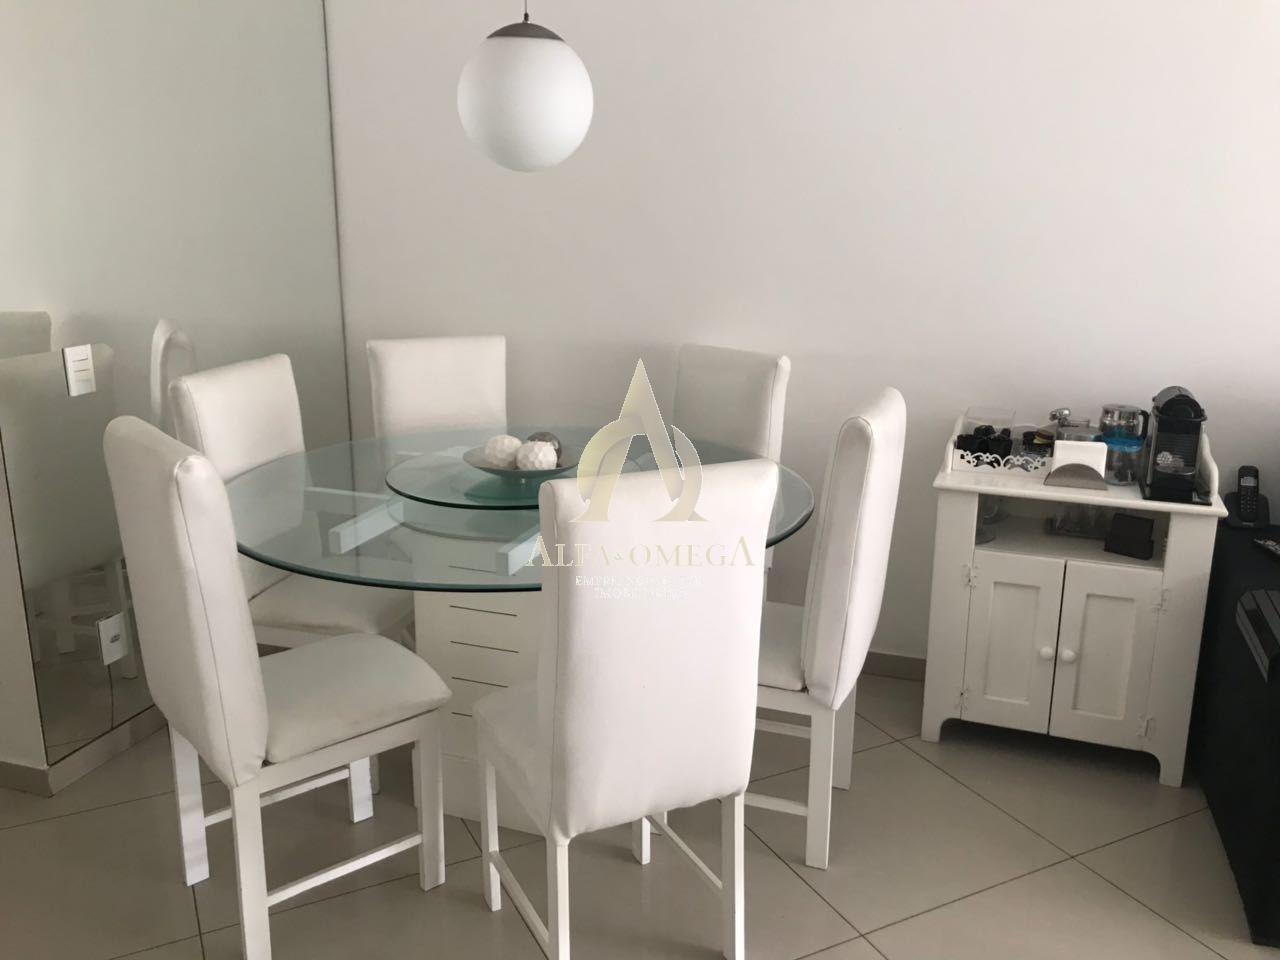 FOTO 4 - Apartamento 2 quartos para venda e aluguel Barra da Tijuca, Rio de Janeiro - R$ 770.000 - AOMH20321 - 5